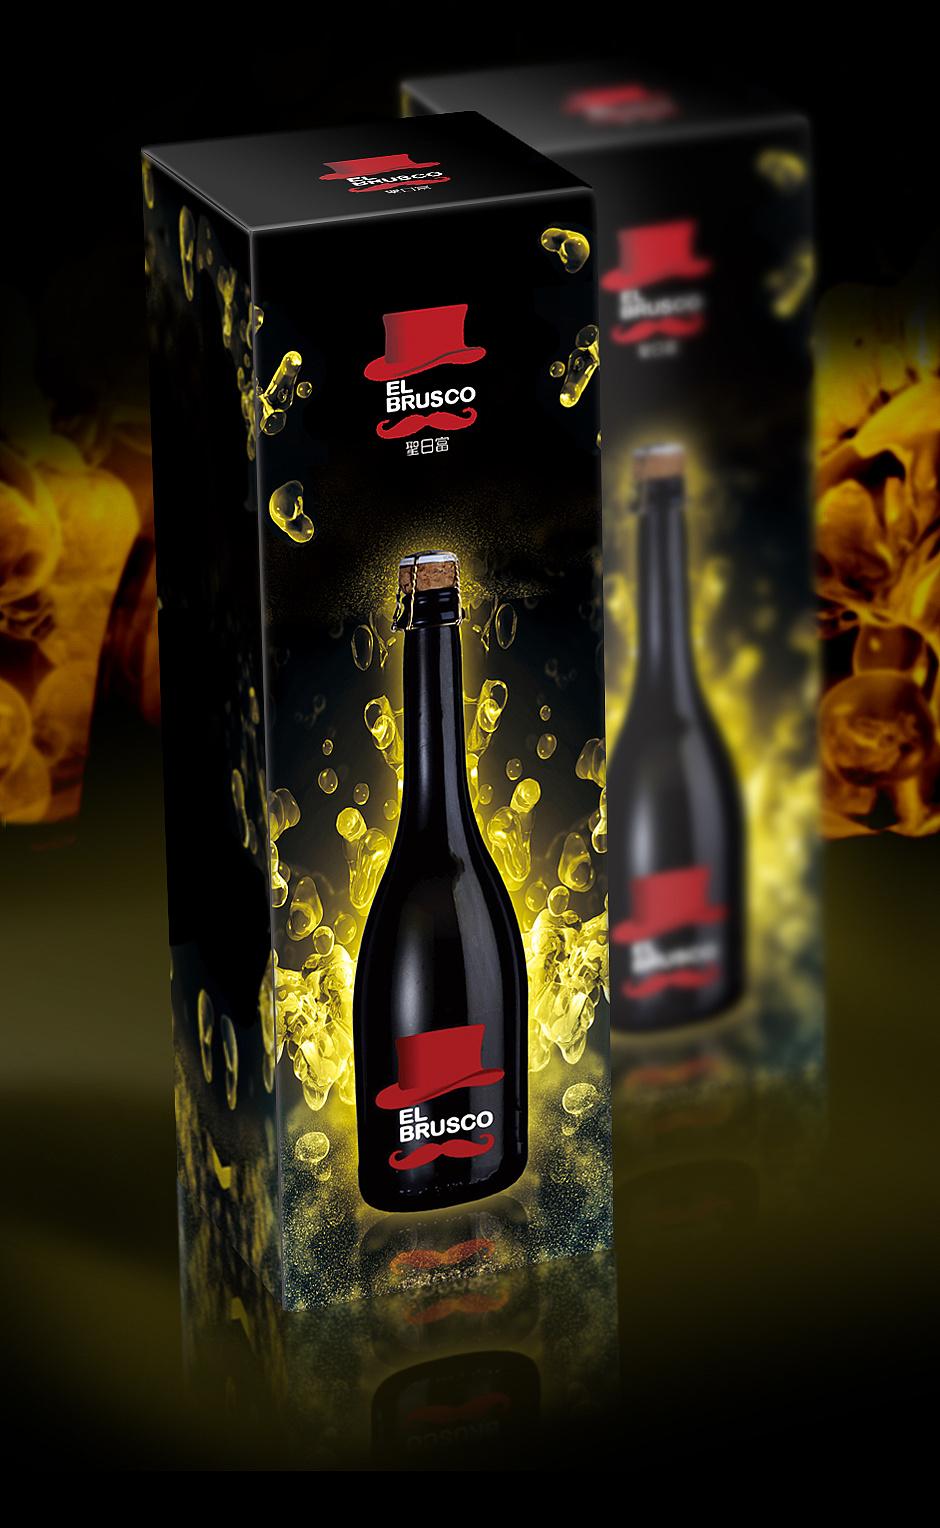 起泡酒盒设计 意大利的起泡酒图片